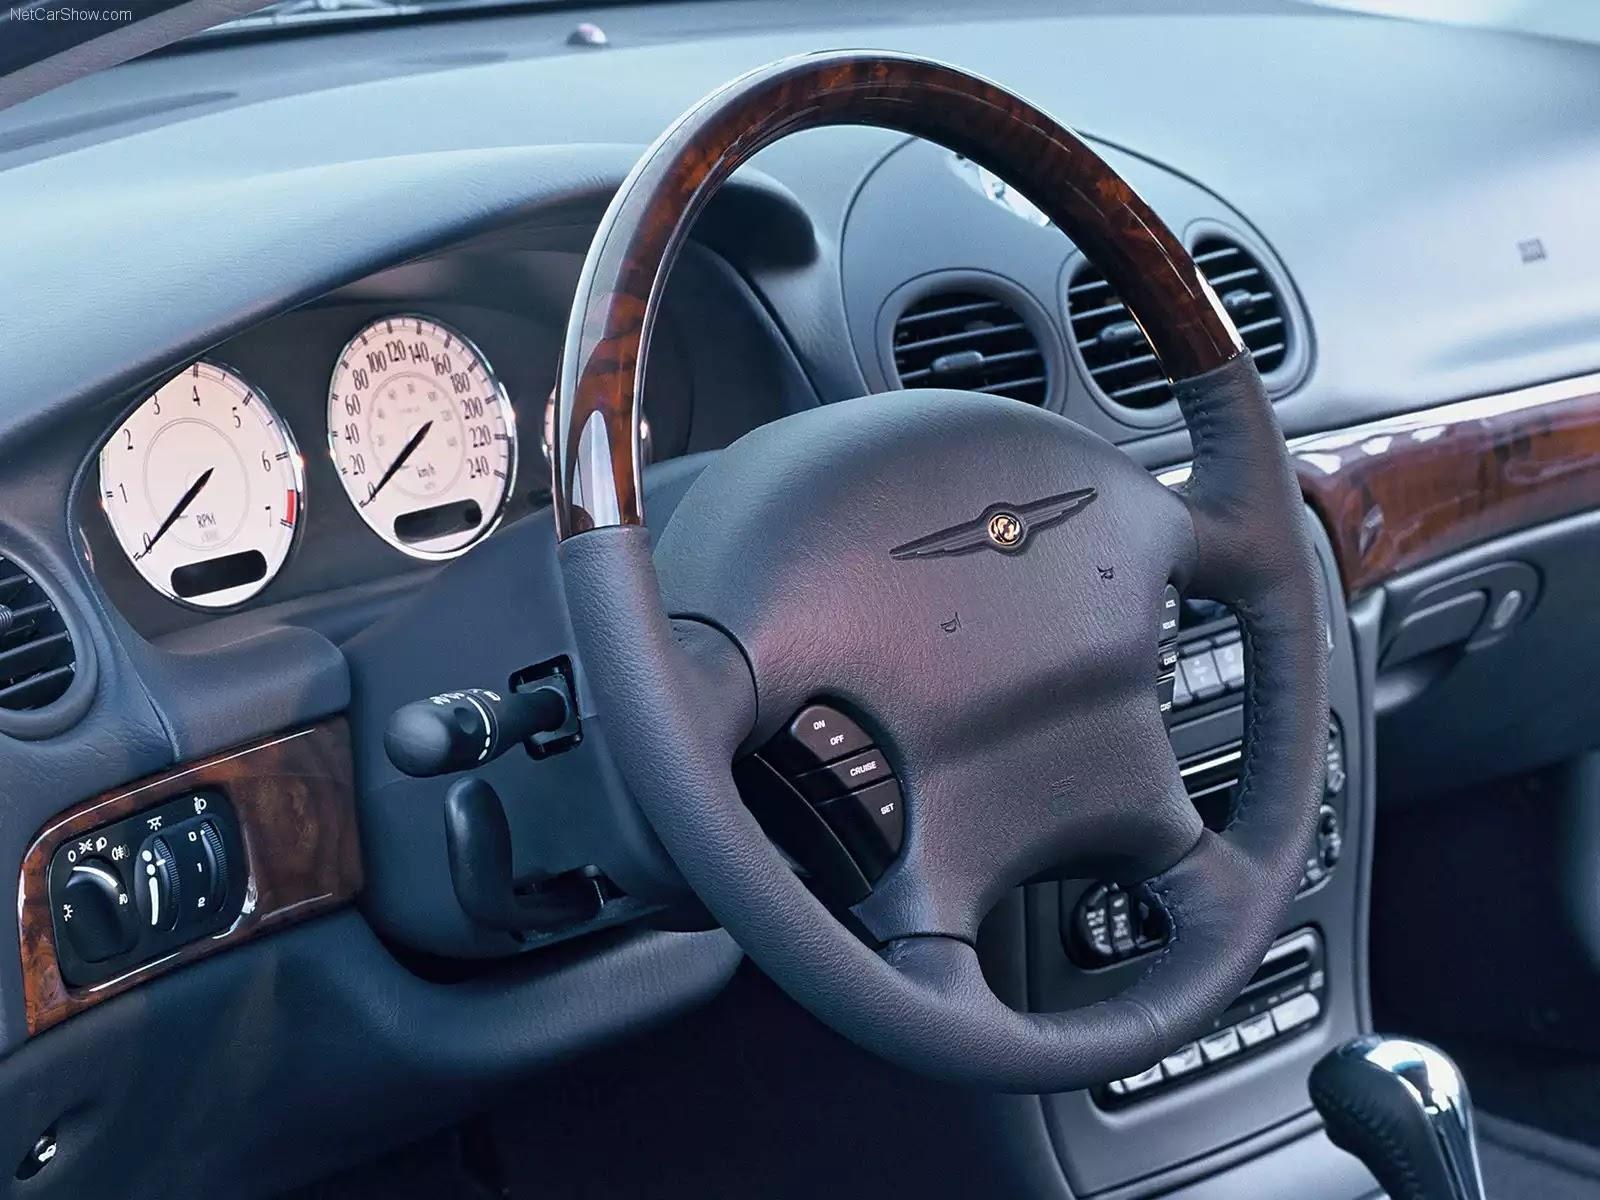 Hình ảnh xe ô tô Chrysler 300M 2003 & nội ngoại thất